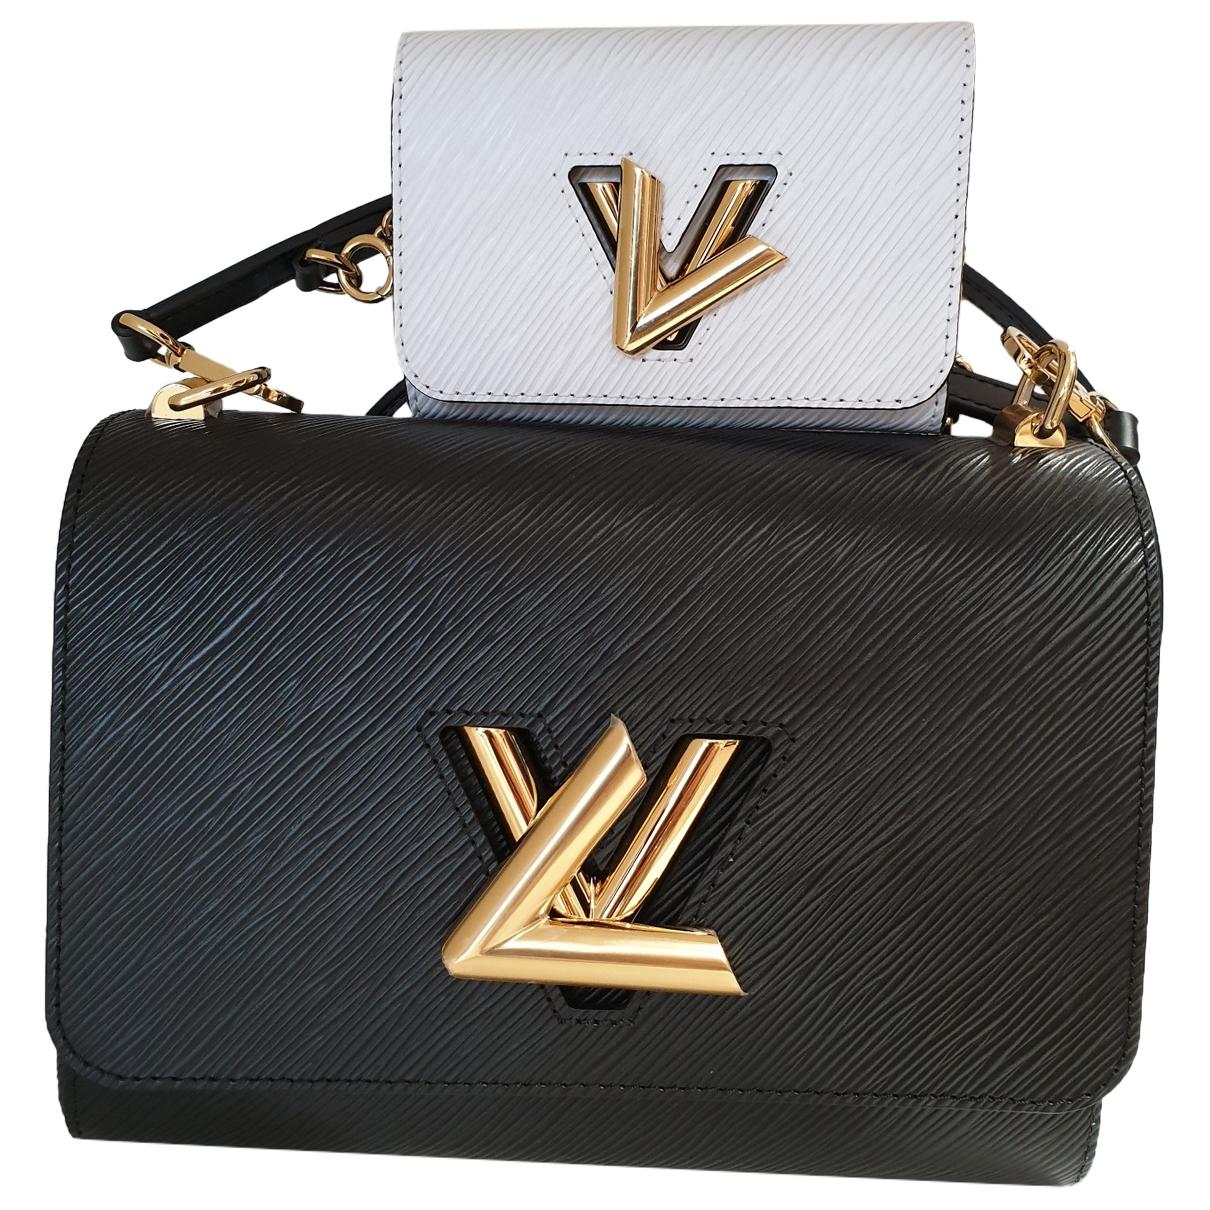 Bandolera Twist de Cuero Louis Vuitton